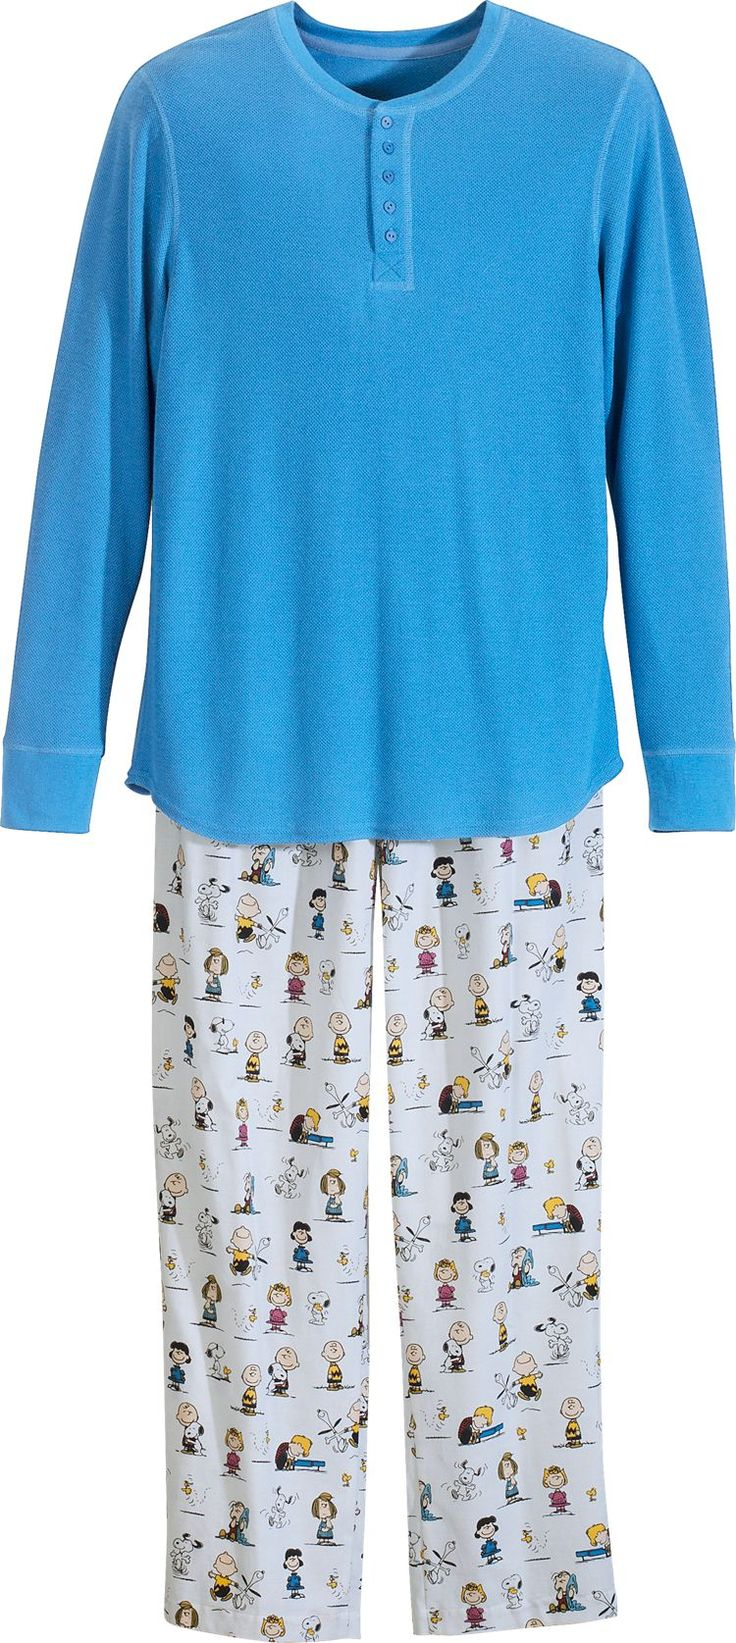 Peanuts Christmas Pajamas